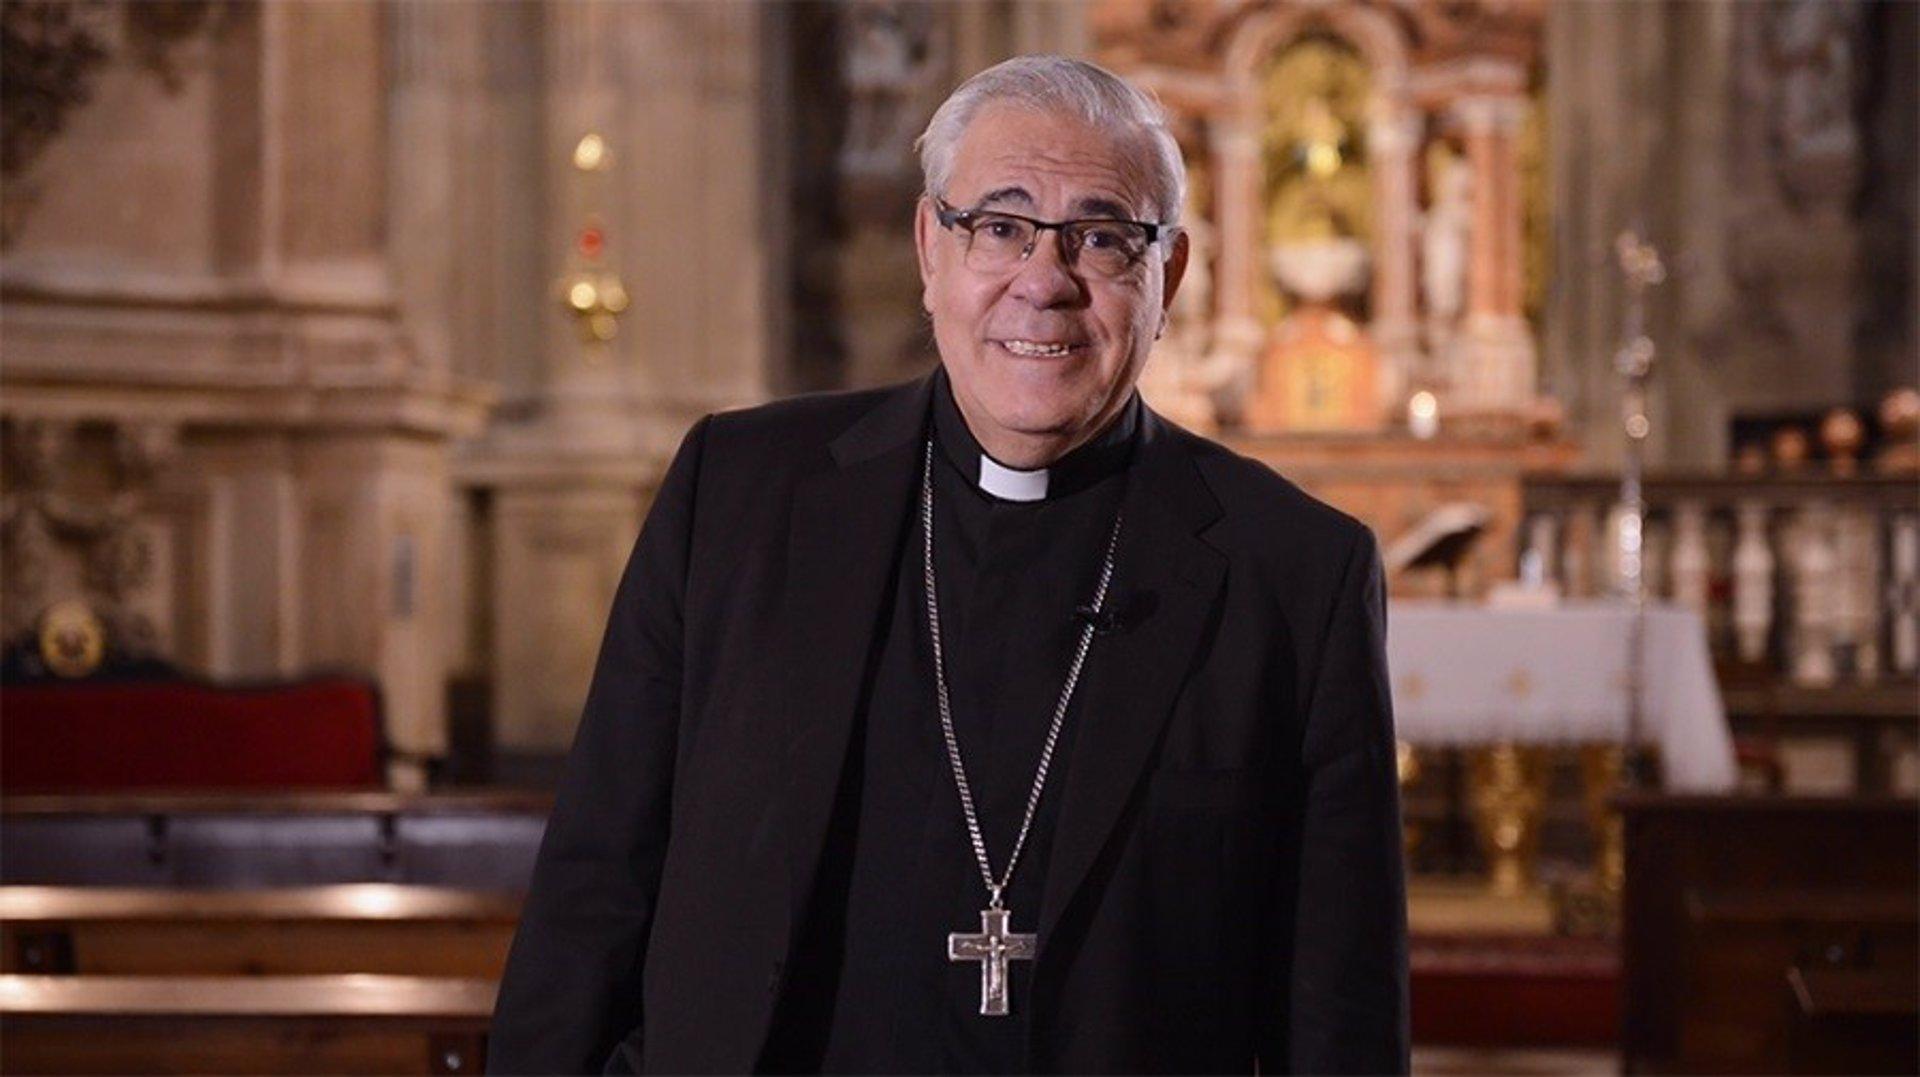 El Arzobispo afirma que «la ley de la eutanasia y la ley trans son criminales» y «una ofensa a la razón»